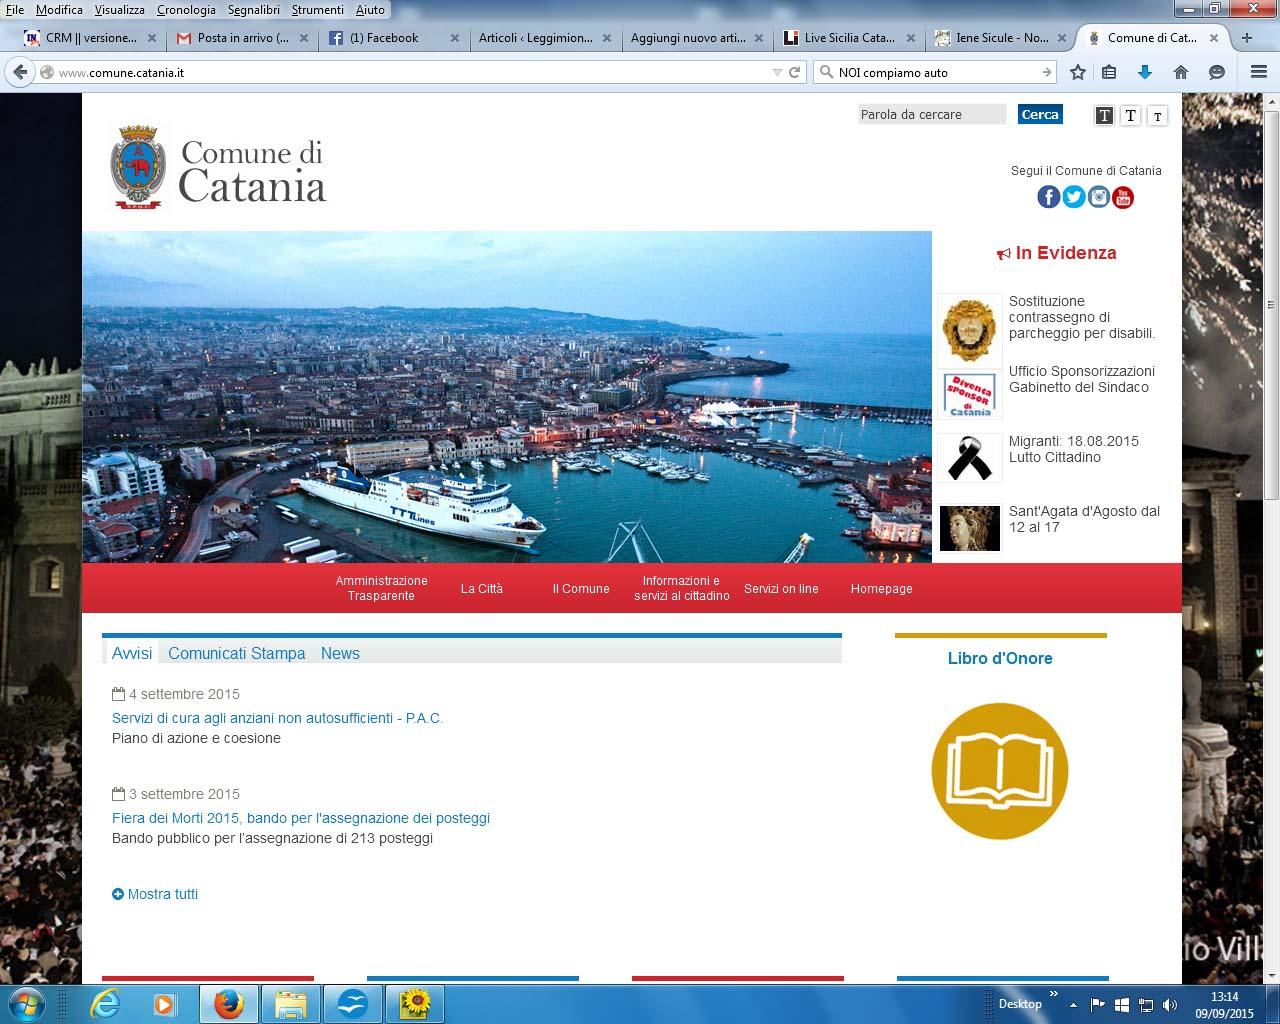 Home page sito comune di catania